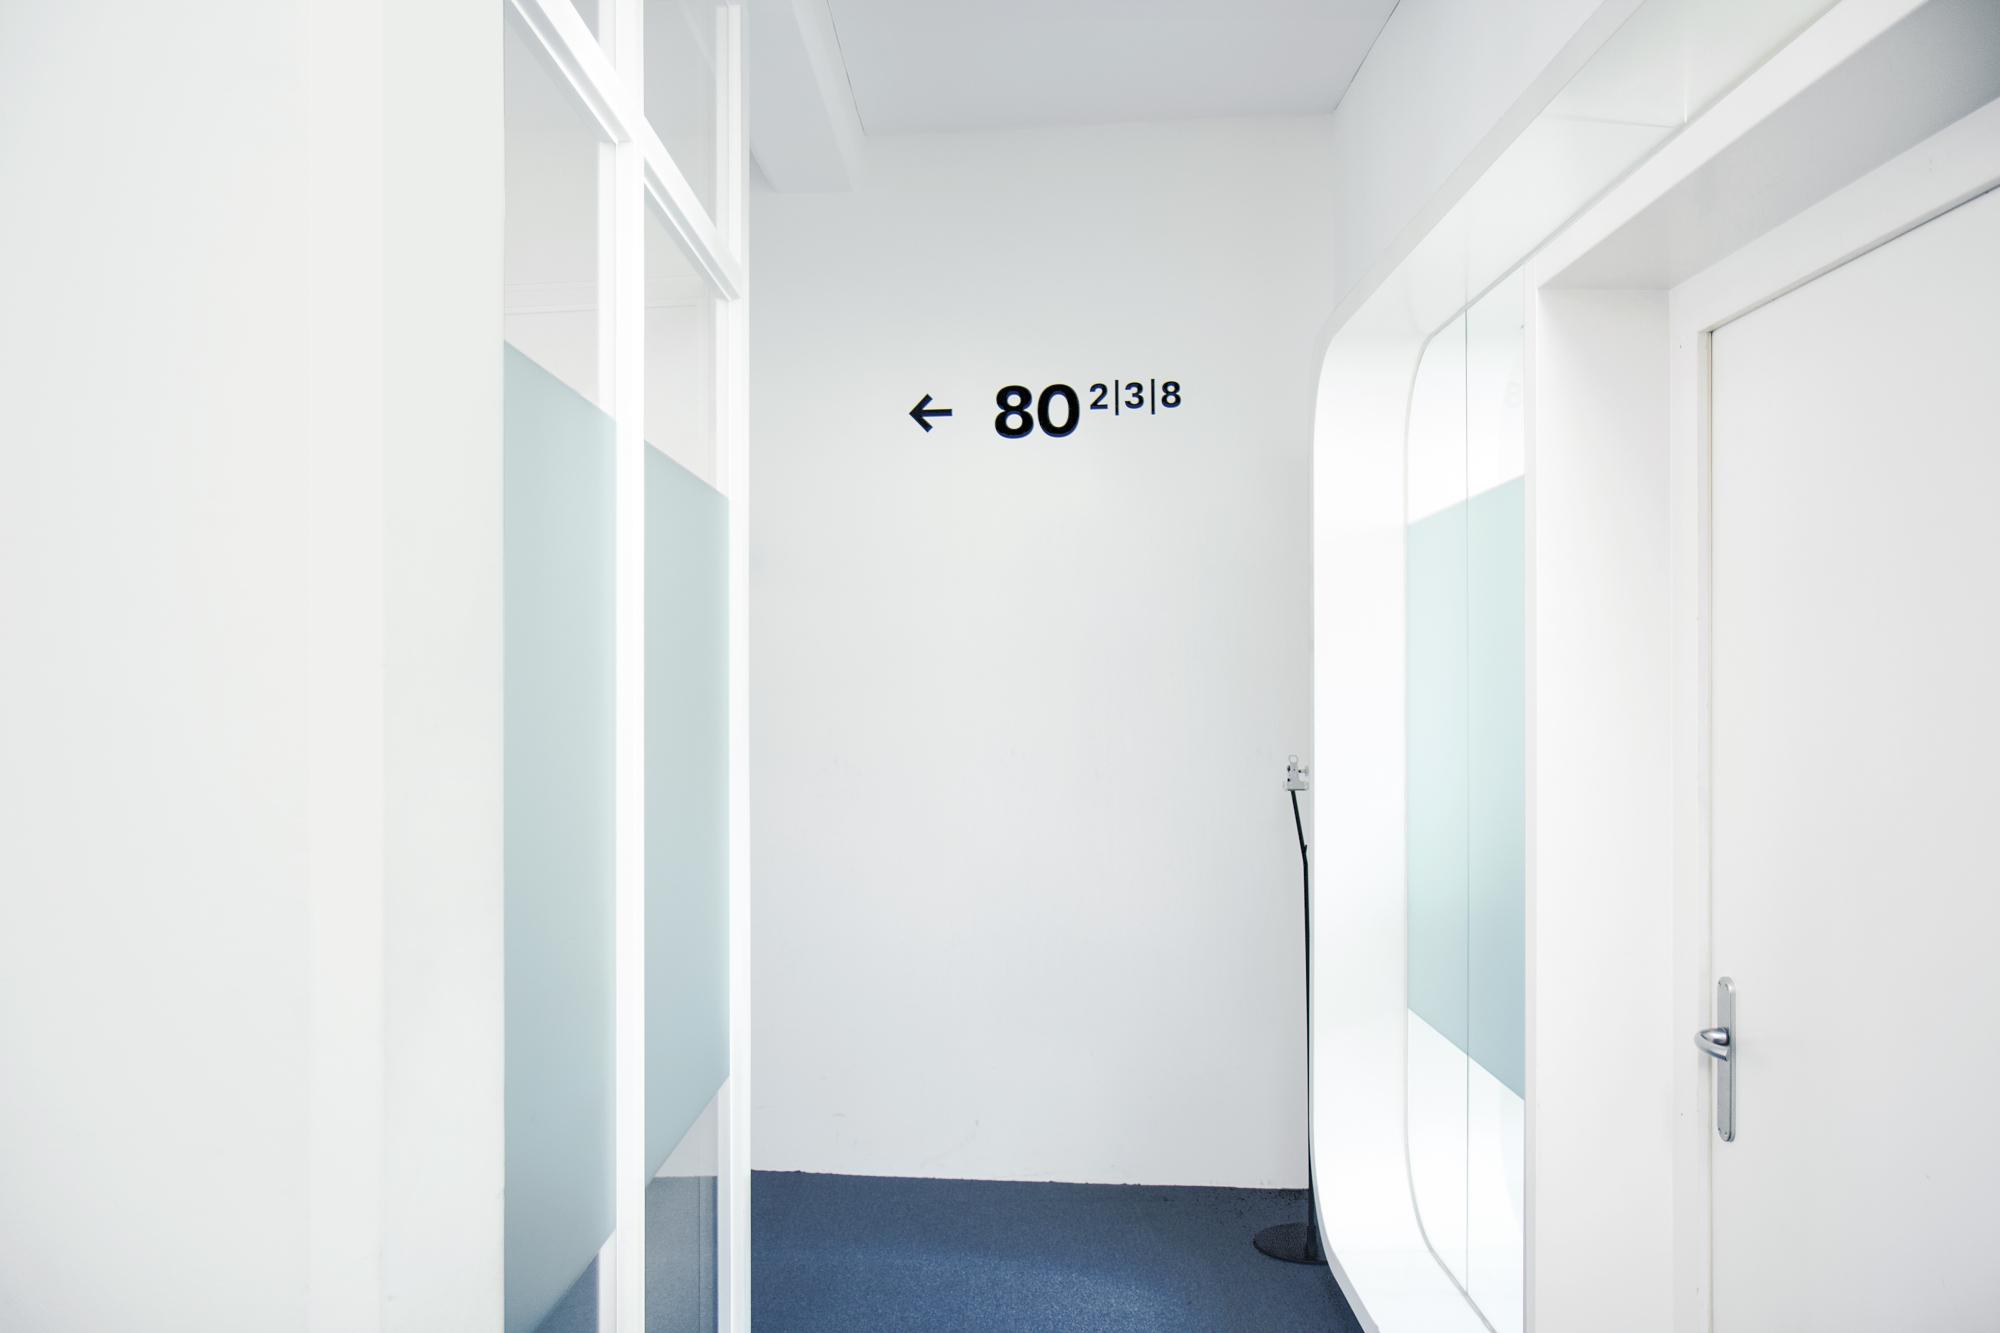 Graphisme Geneve graphic design graphique direction artistique signalétique signage espace scénographie habillage flux exposition flèches pictogrammes panneaux bâtiment  MSF médecins sans frontières